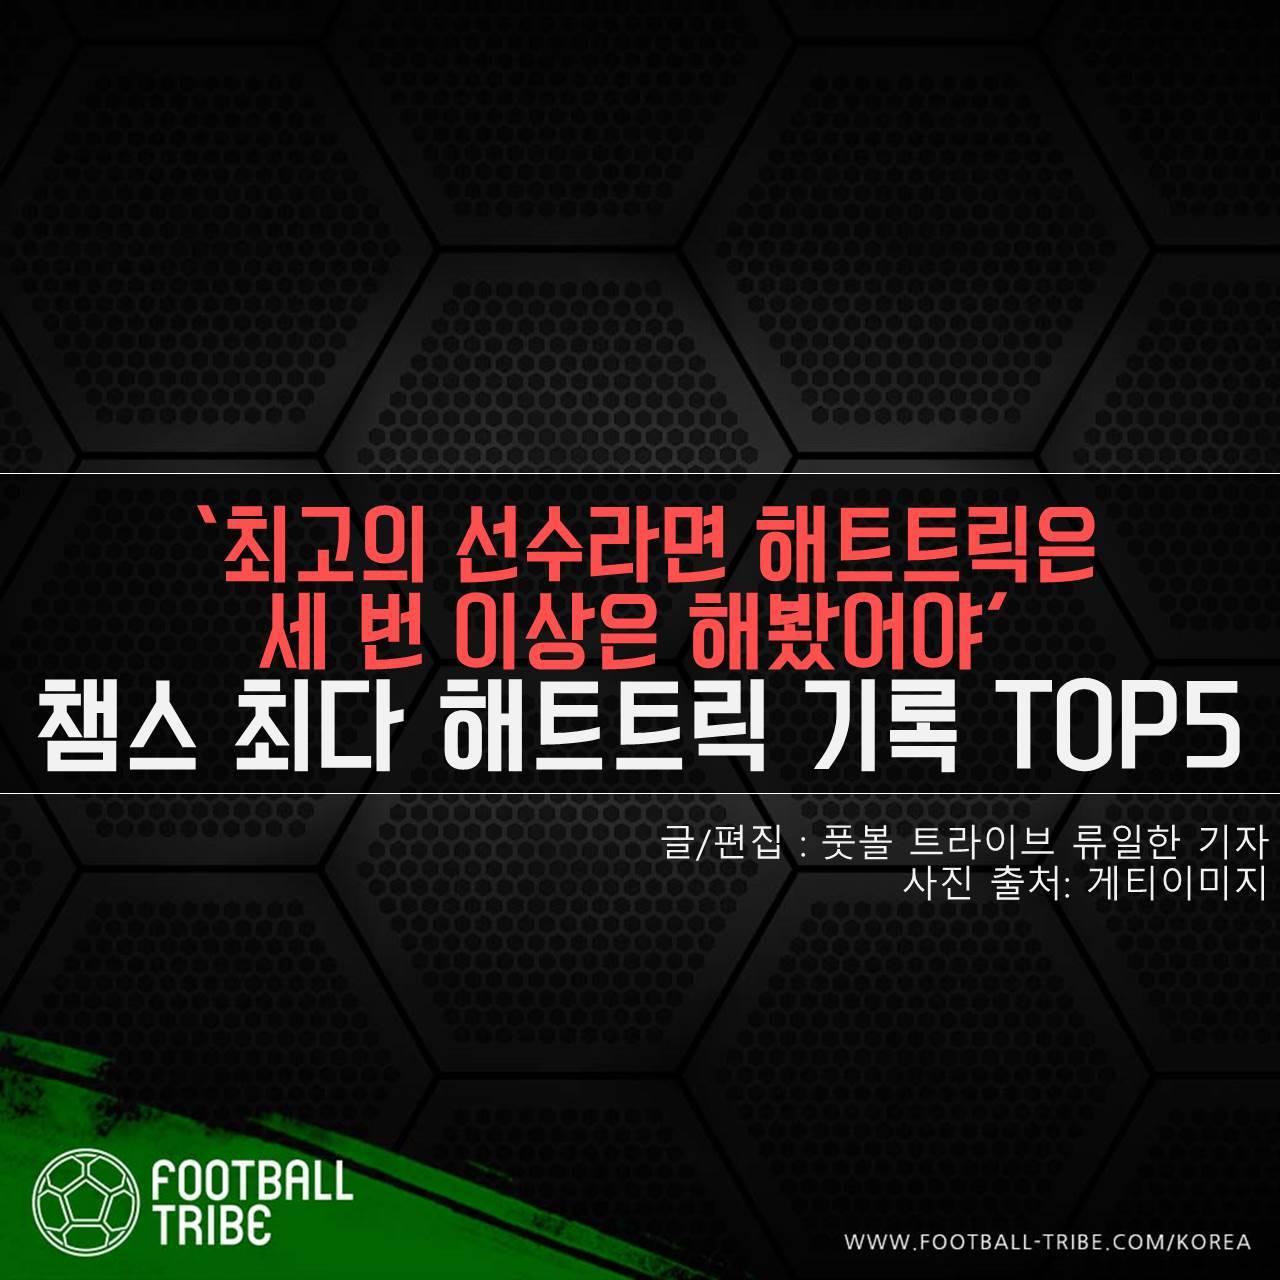 [카드 뉴스] '최고의 선수라면 해트트릭은세 번 이상은 해봤어야' 챔스 최다 해트트릭 기록 TOP5